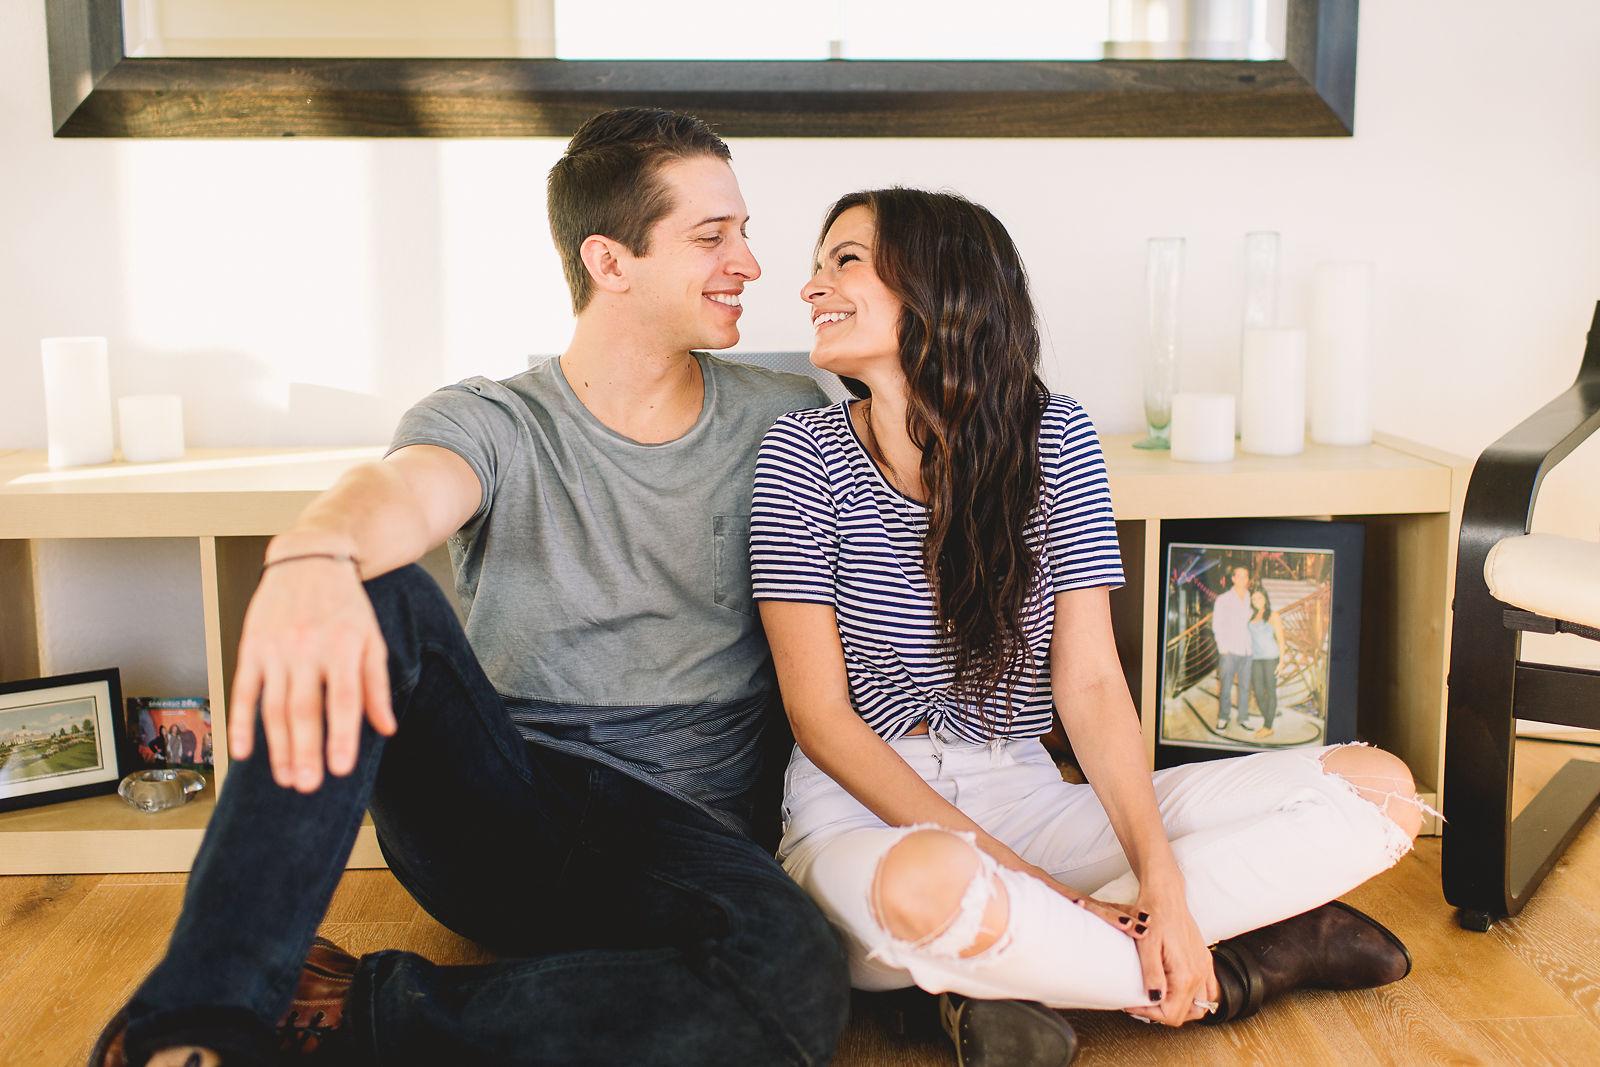 Candid-couples-portrait